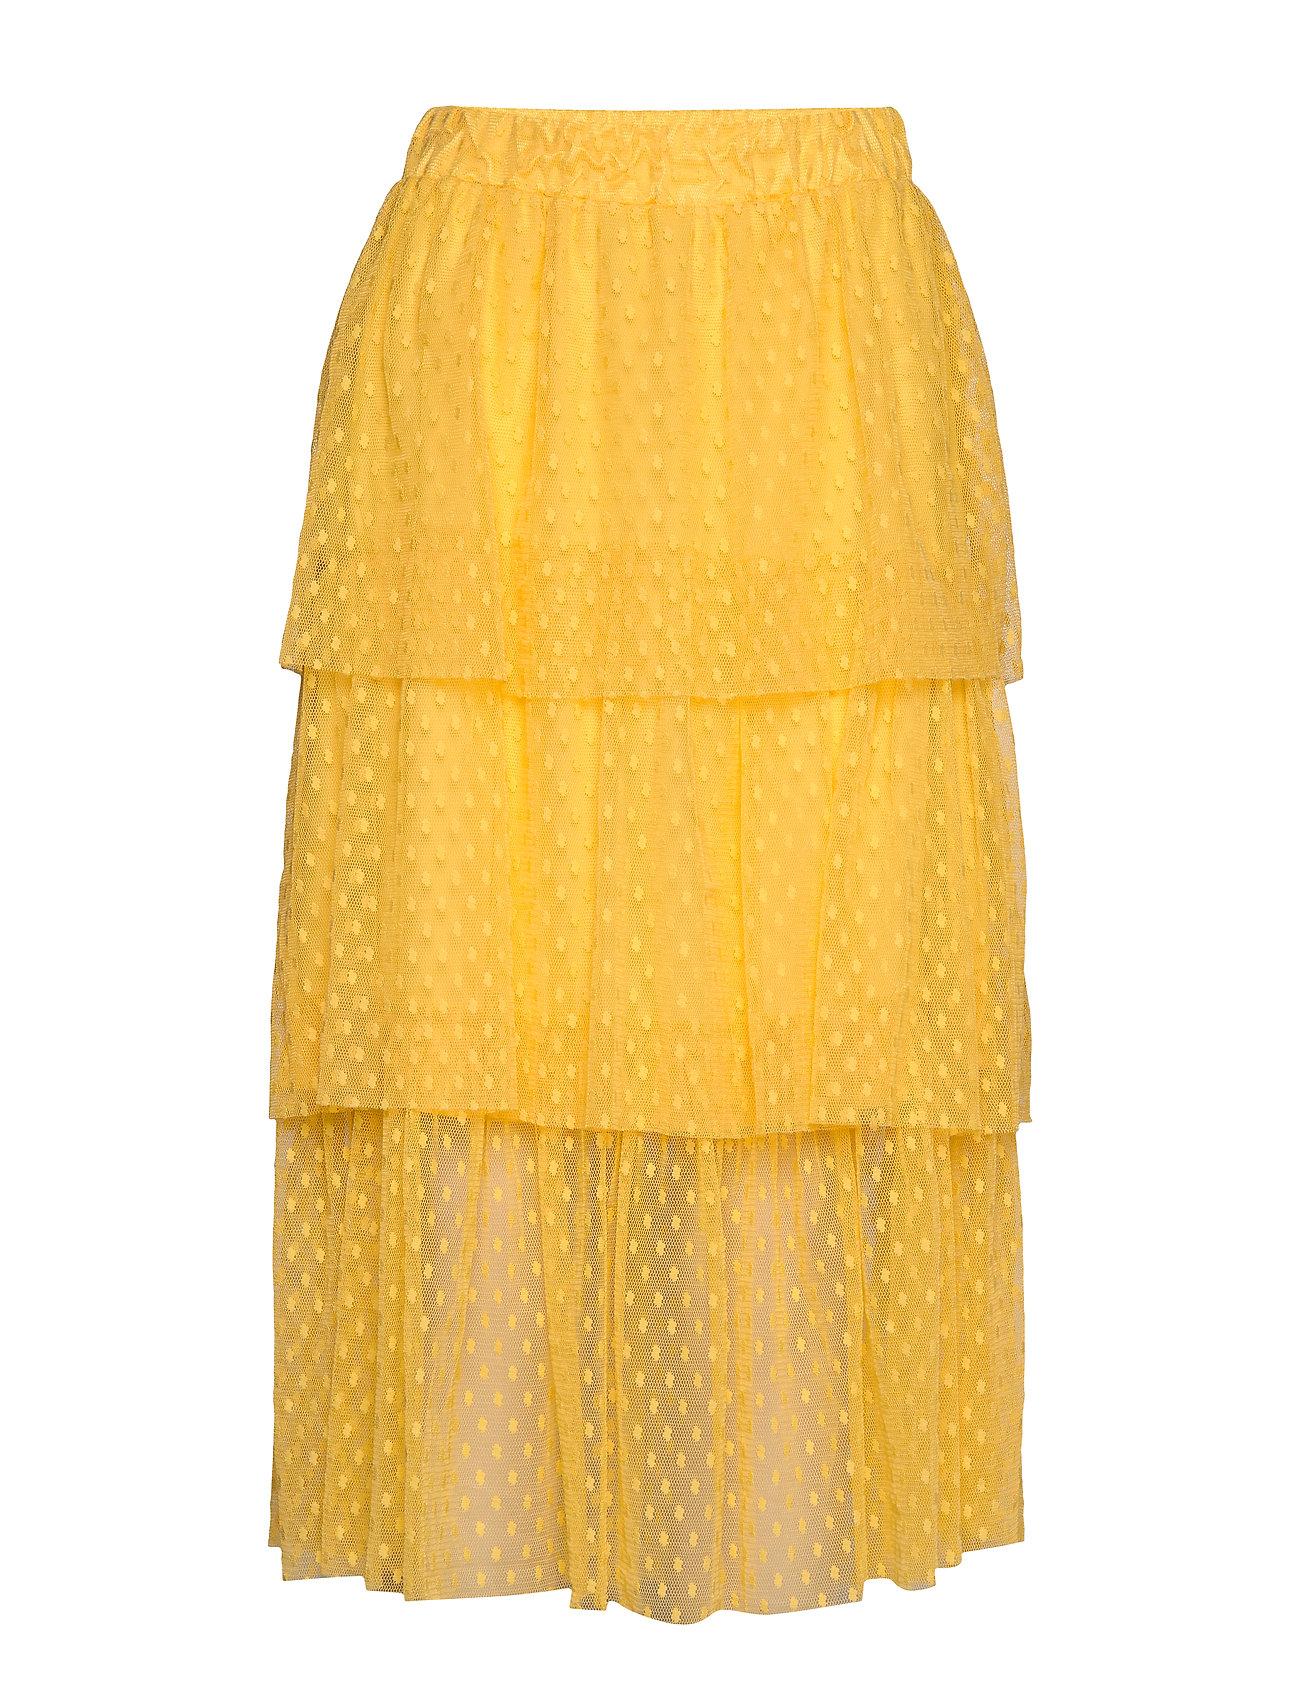 Image of Bilbao Skirt Knælang Nederdel Gul Modström (3350776235)